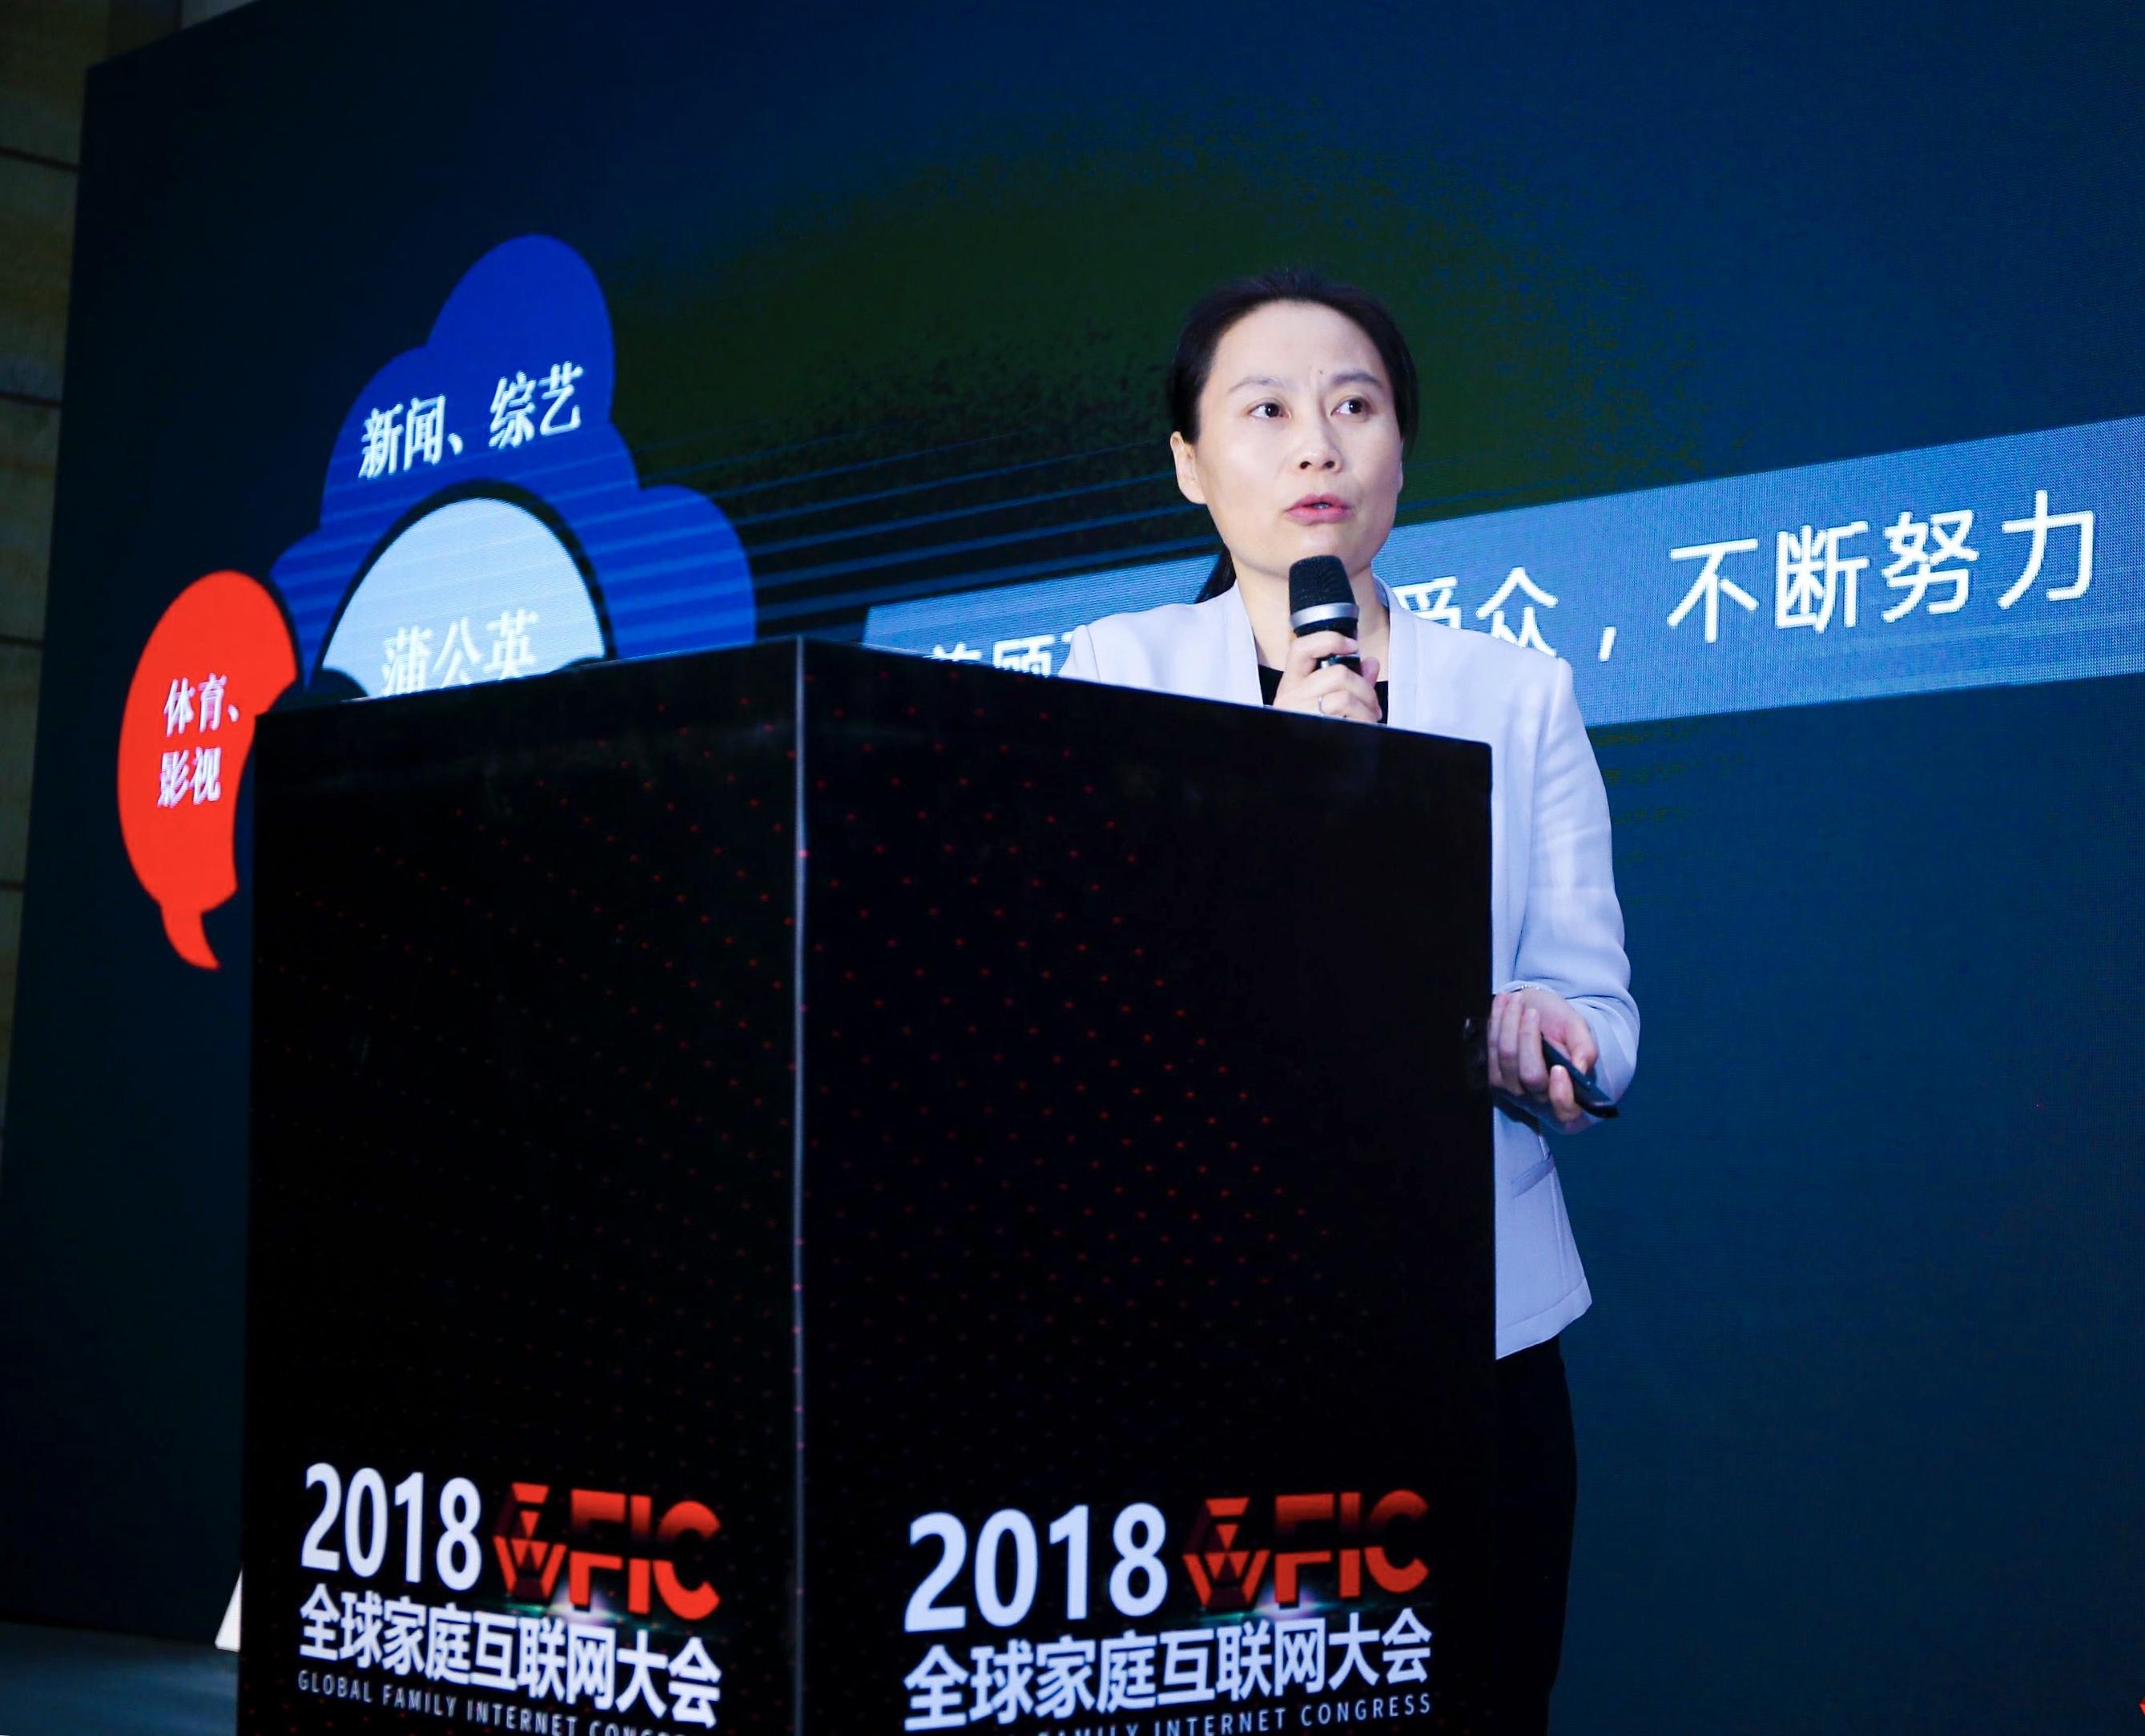 百视通曹雅莉:智慧运营驱动大屏升级